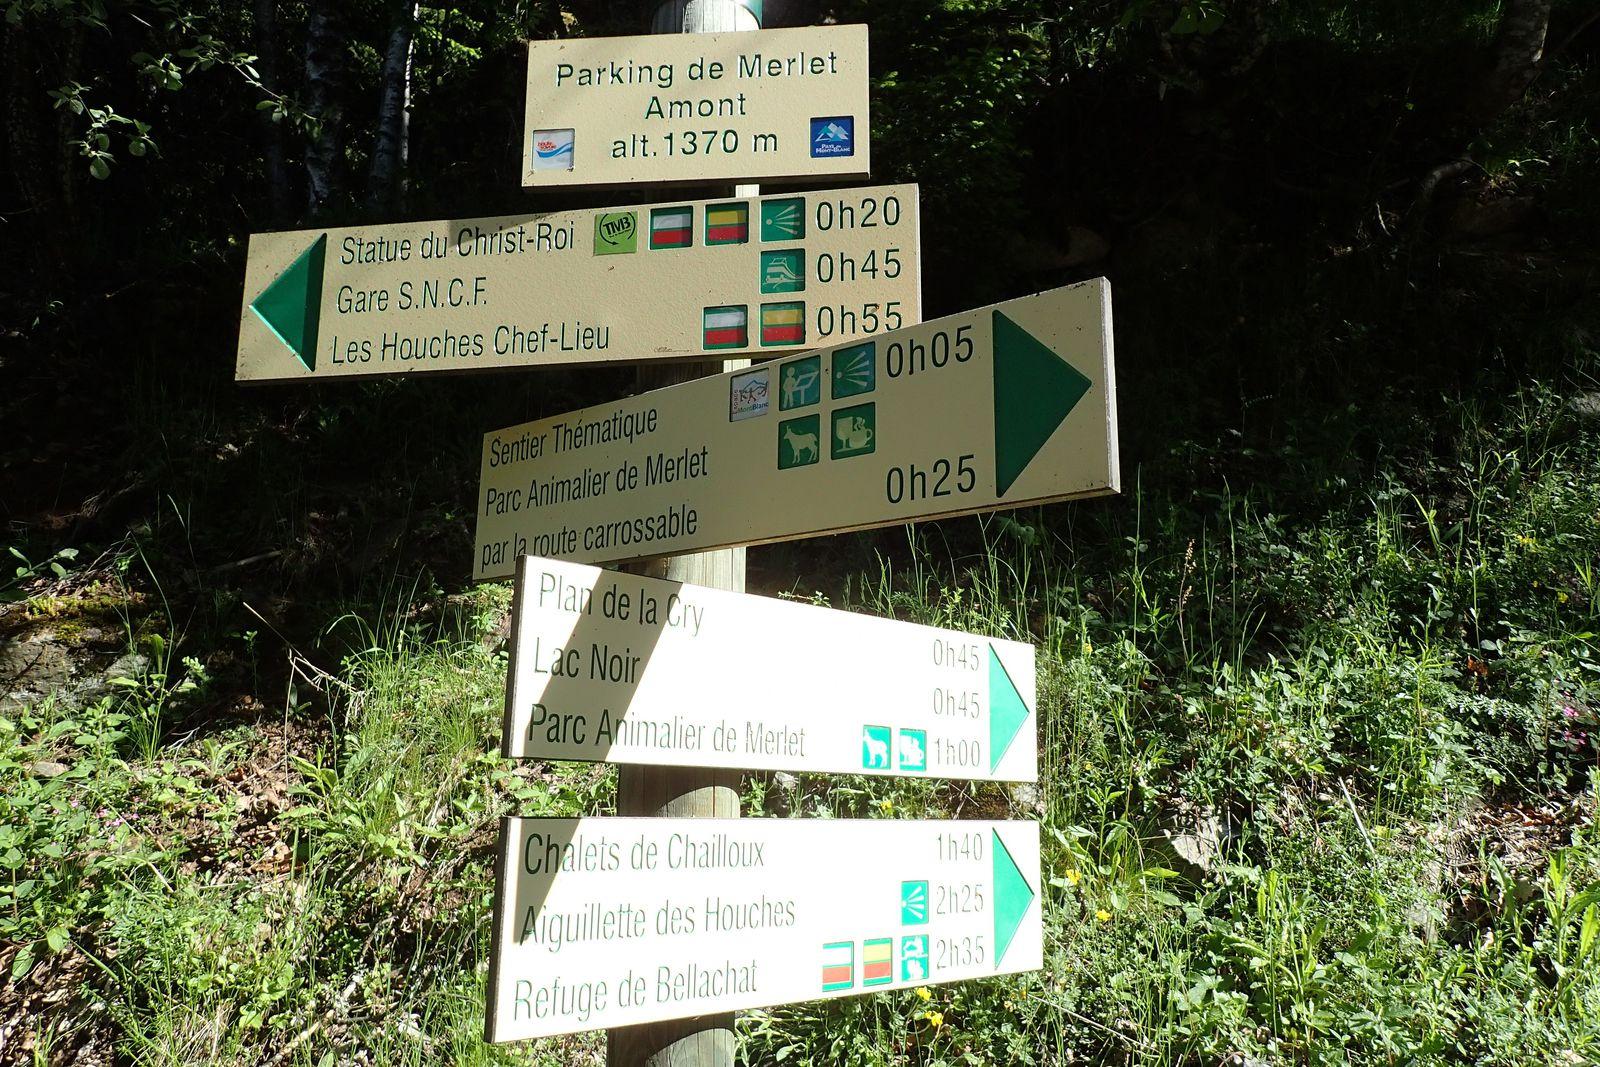 Aiguillette des Houches: En boucle depuis le Merlet